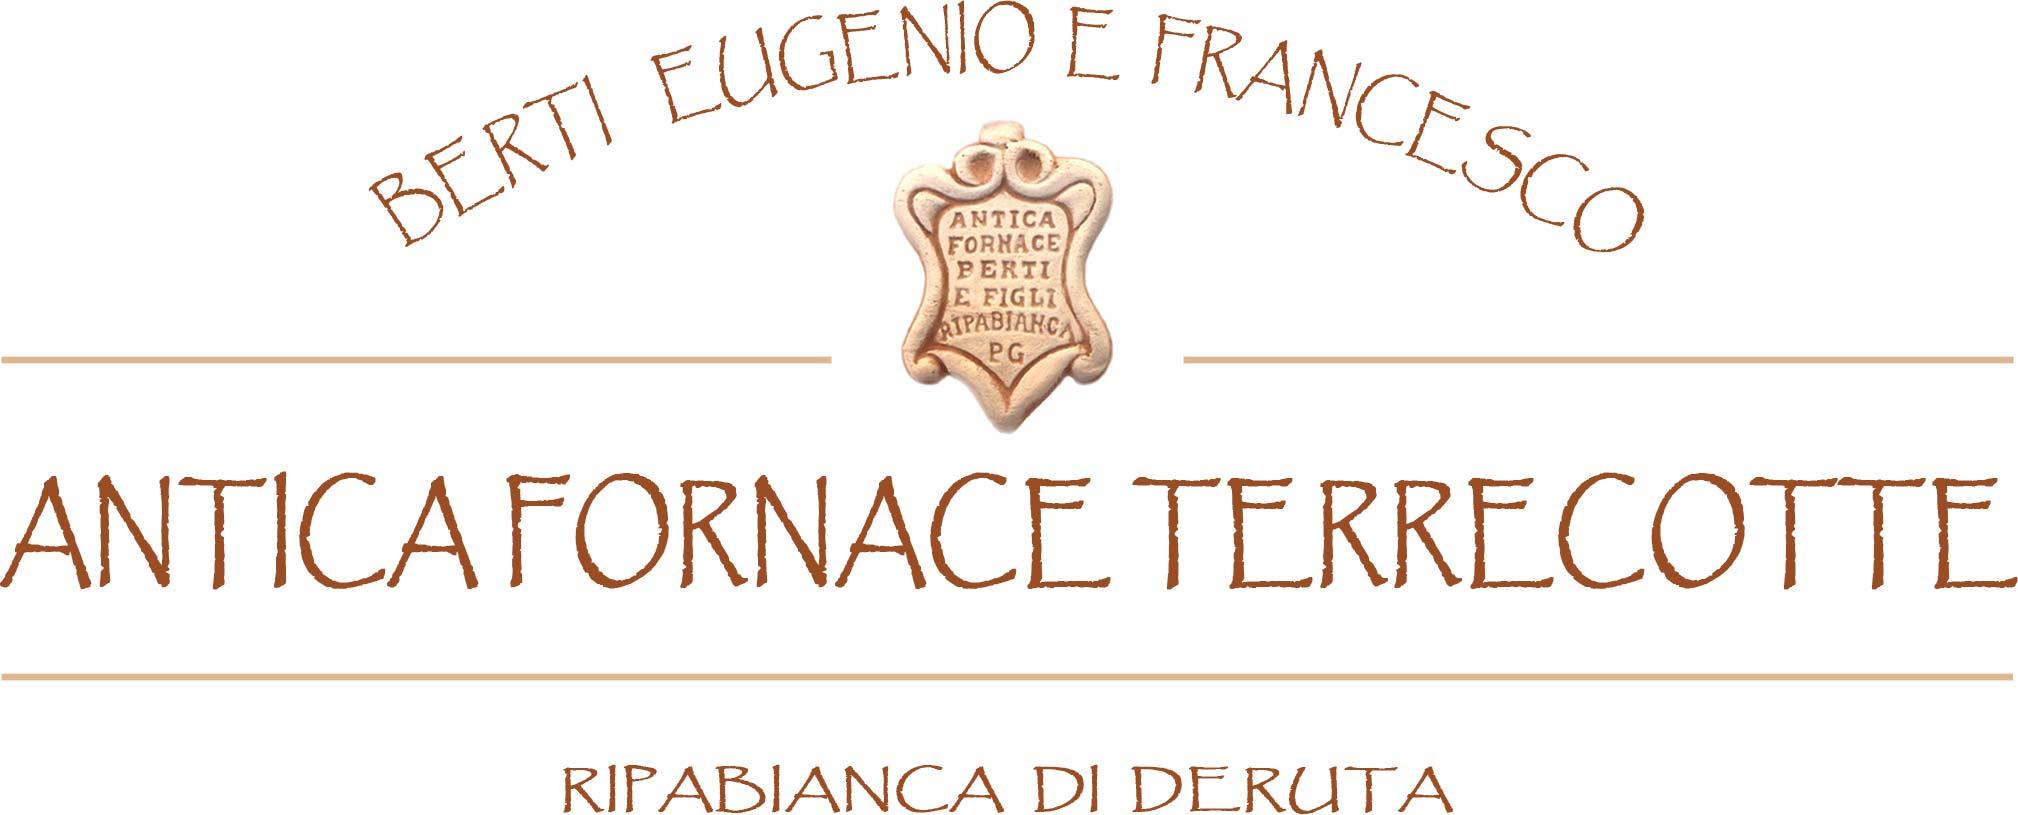 Antiche Terrecotte Berti - le terrecotte di Berti Eugenio e Francesco a Ripabianca di Deruta